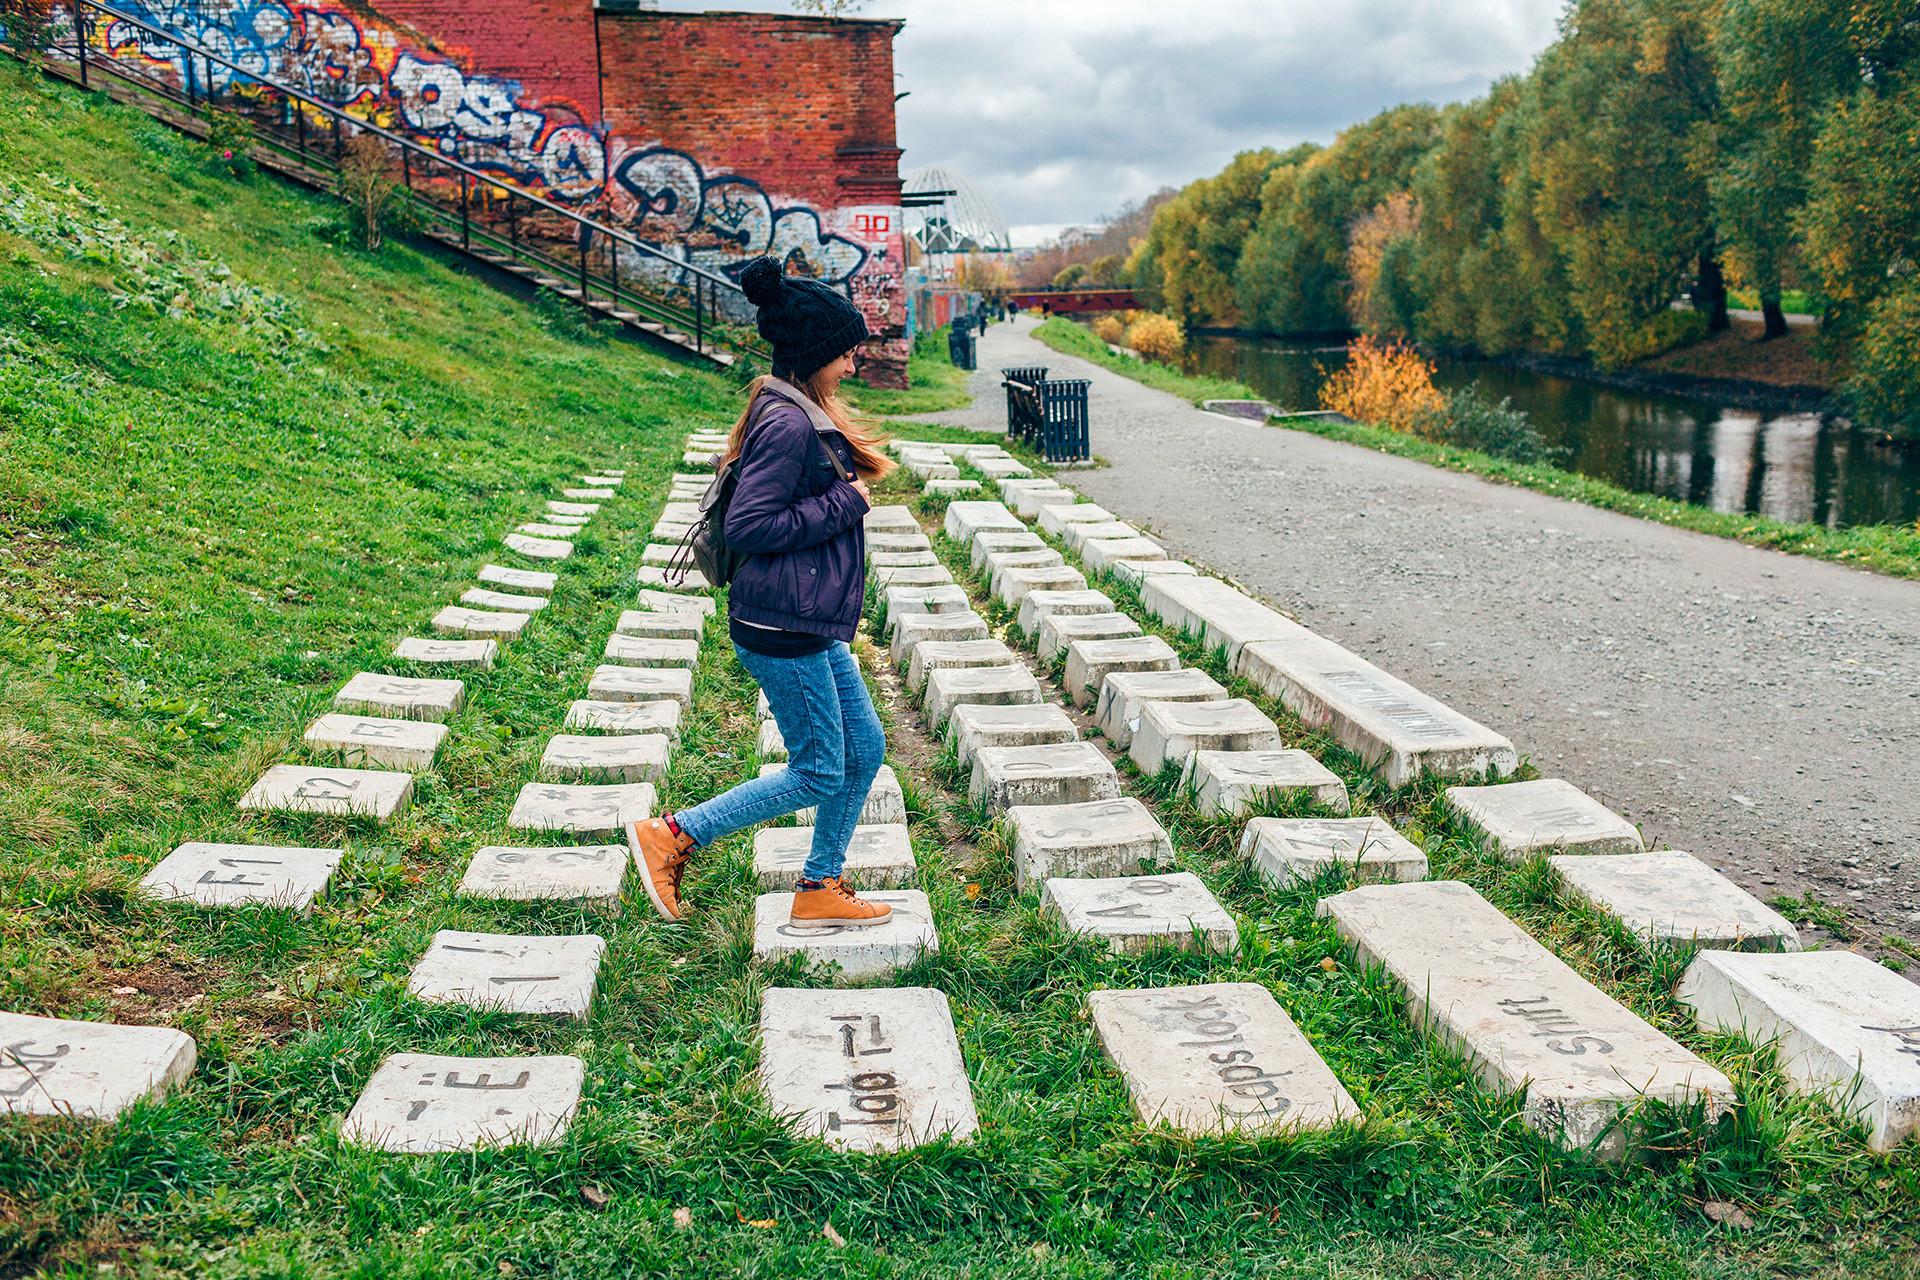 Spomenik v obliki tipkovnice v Jekaterinburgu.